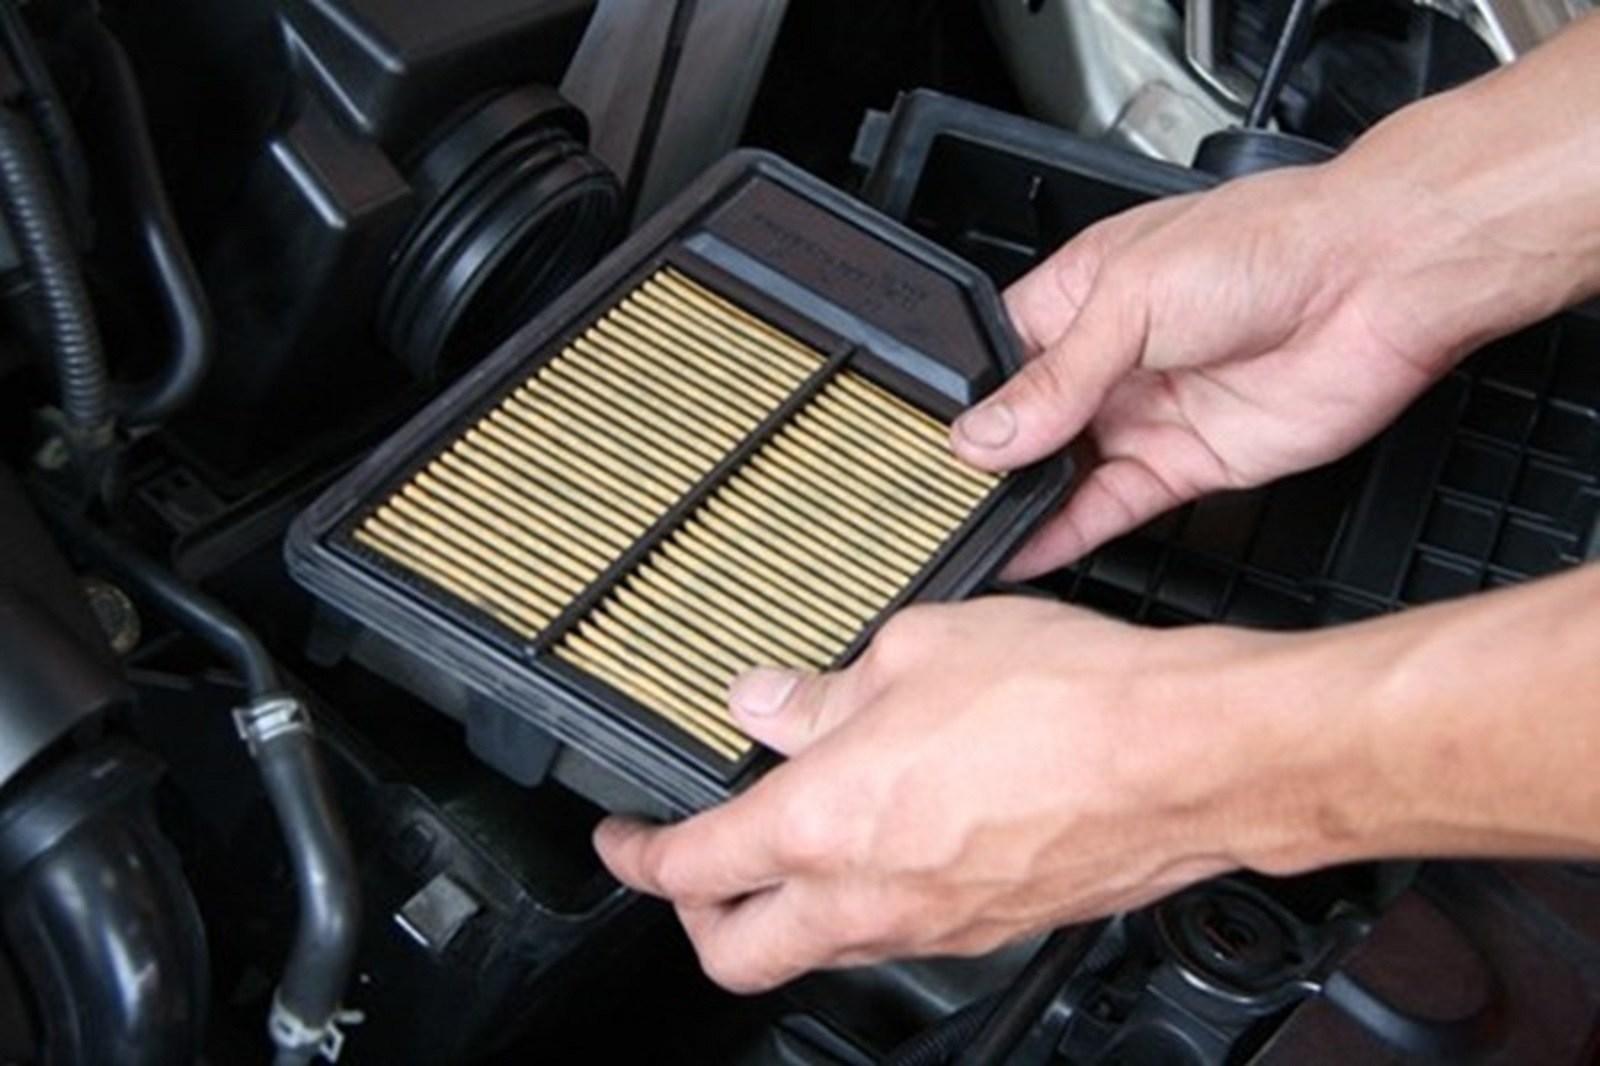 Lọc gió ô tô bị bẩn khiến động cơ bị yếu, làm thế nào để vệ sinh đúng cách? Ảnh 6